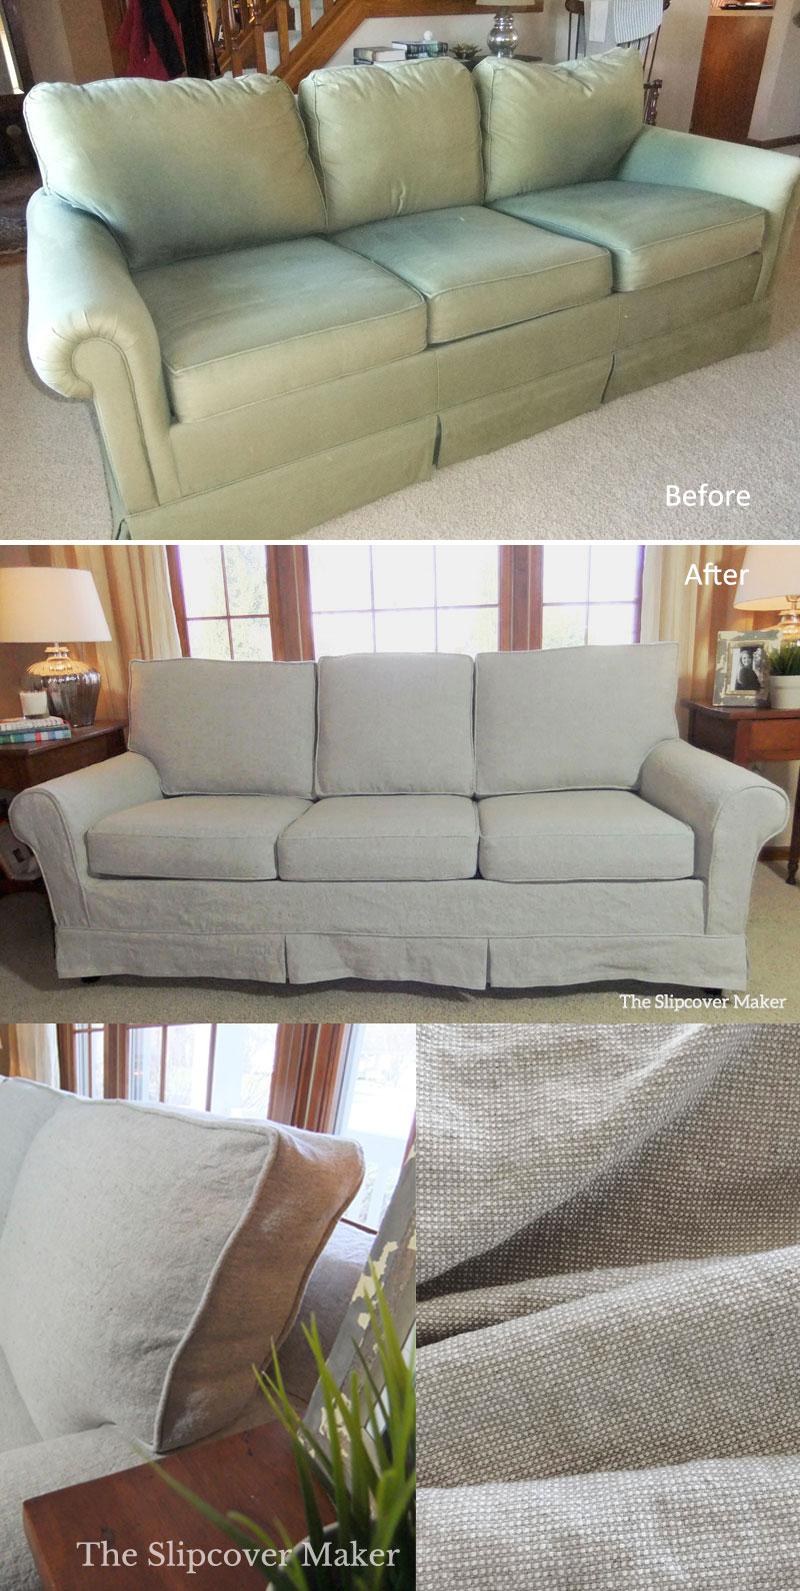 Linen Slipcover for Old Sleeper Sofa